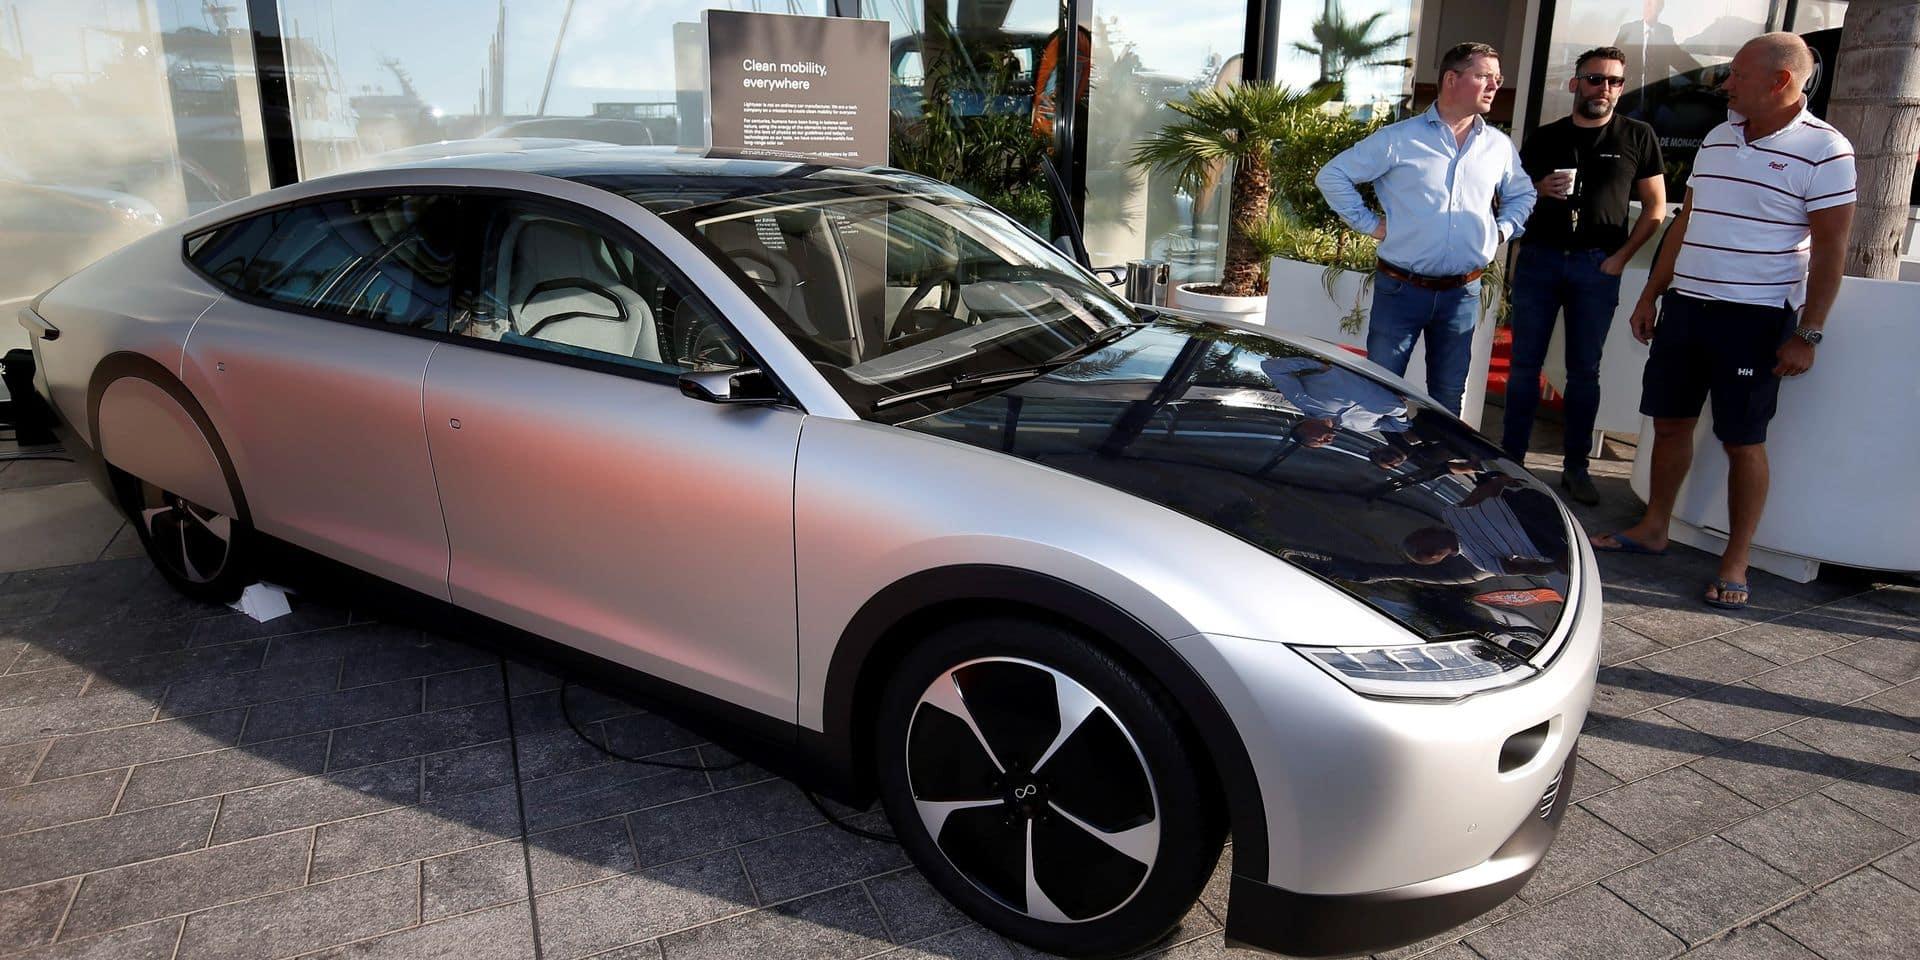 Lightyear et Bridgestone vont lancer leur voiture électrique solaire à la fin de l'année